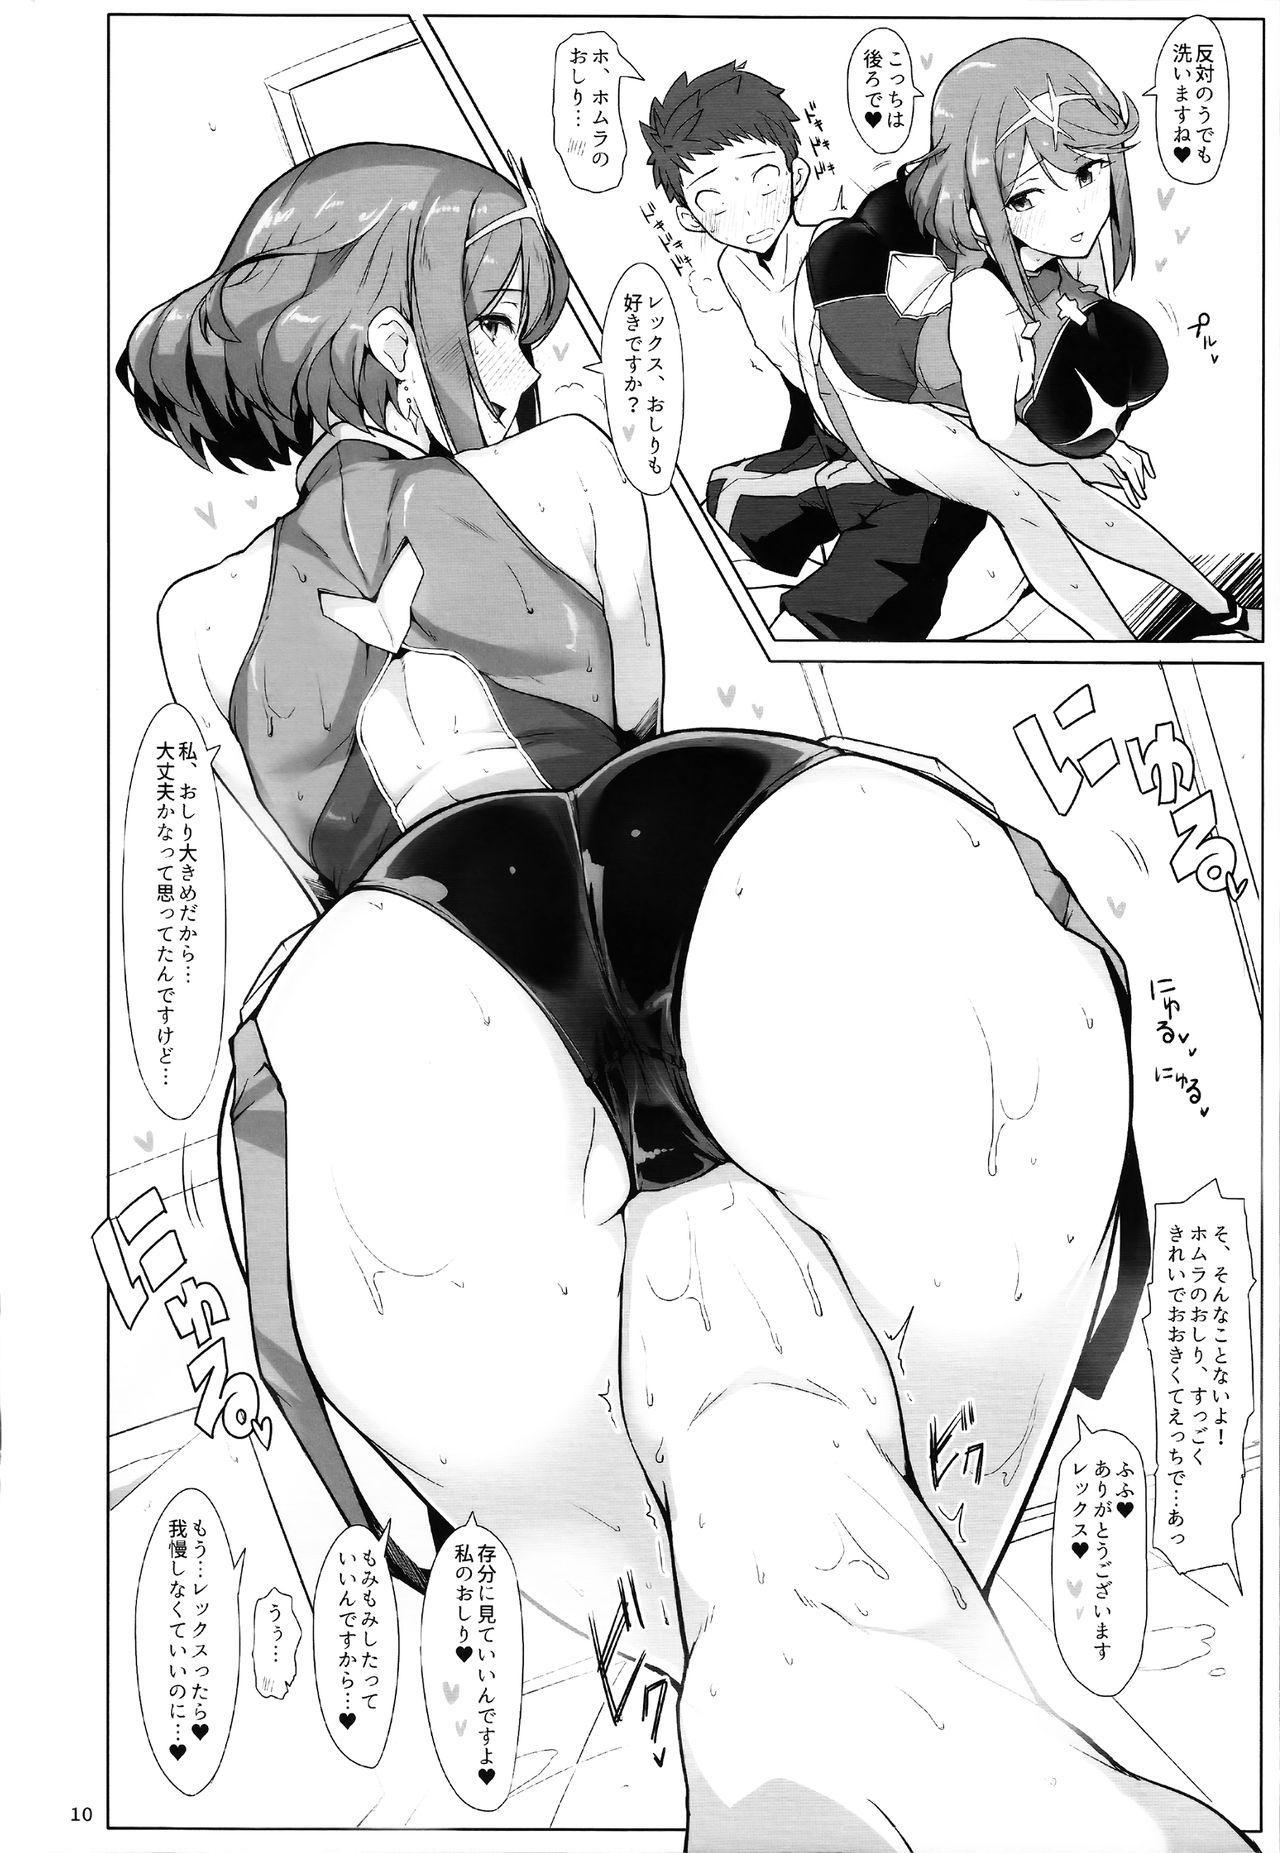 Ofuro de Homura to Sukebe Suru Hon 8